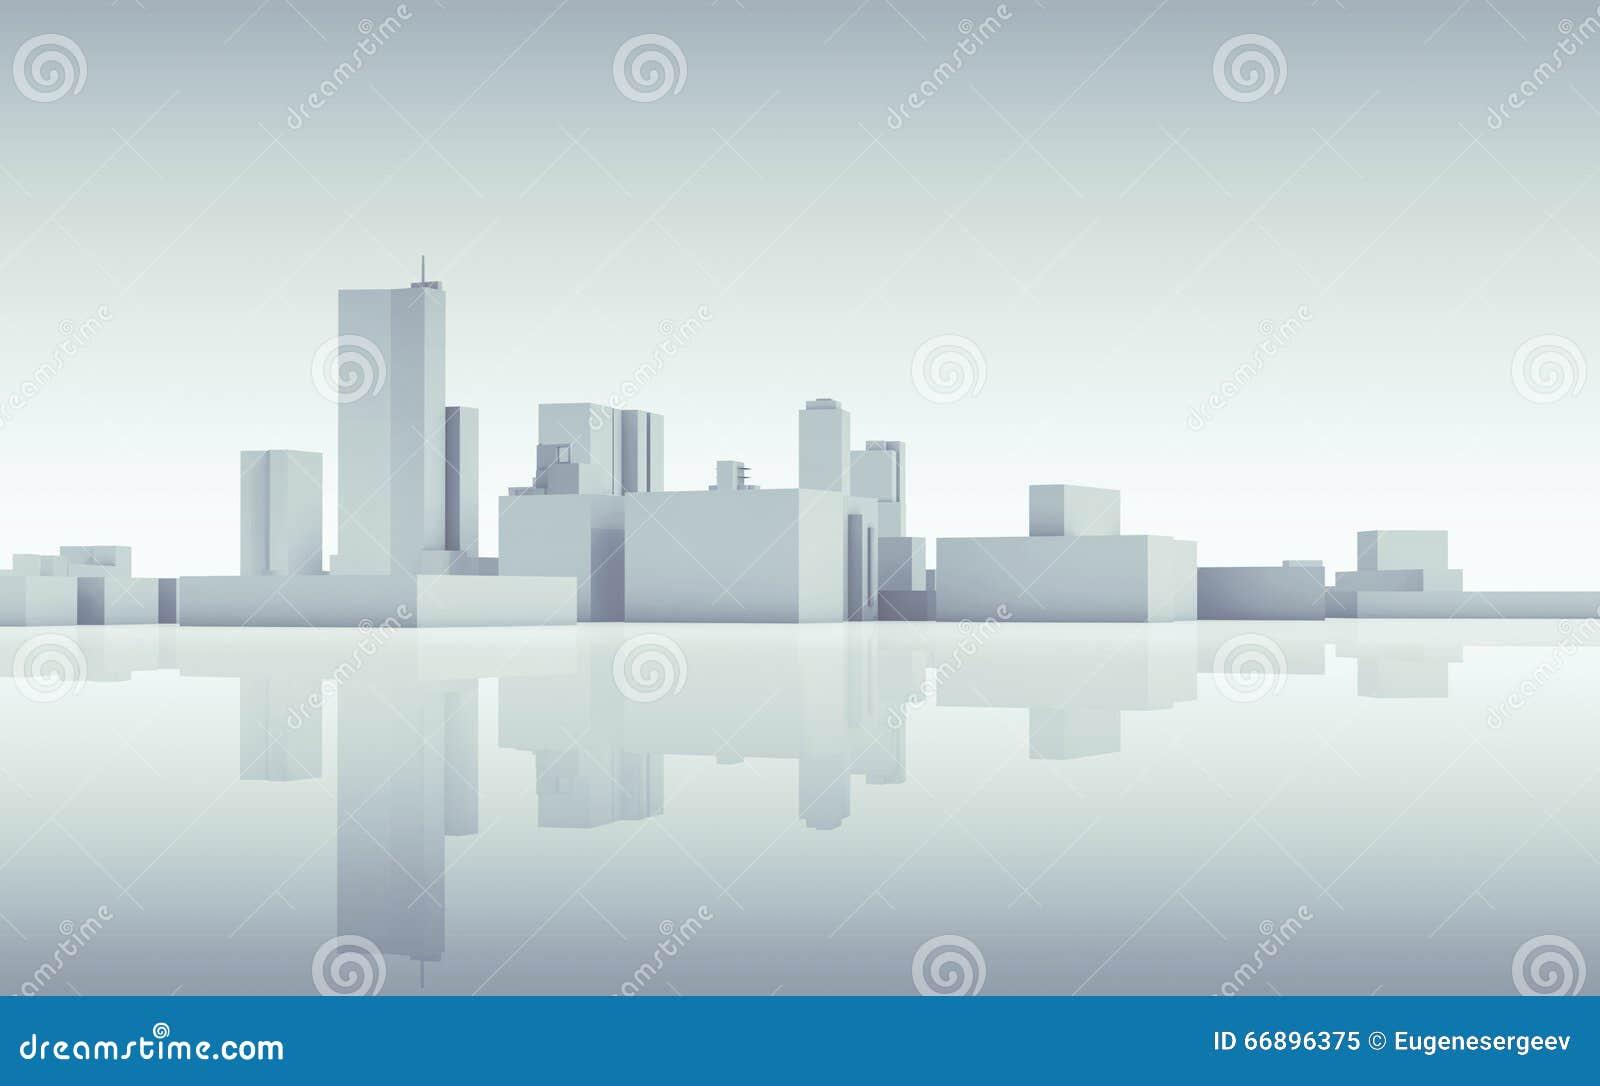 Skyline abstrata da arquitetura da cidade 3d tonificado azul